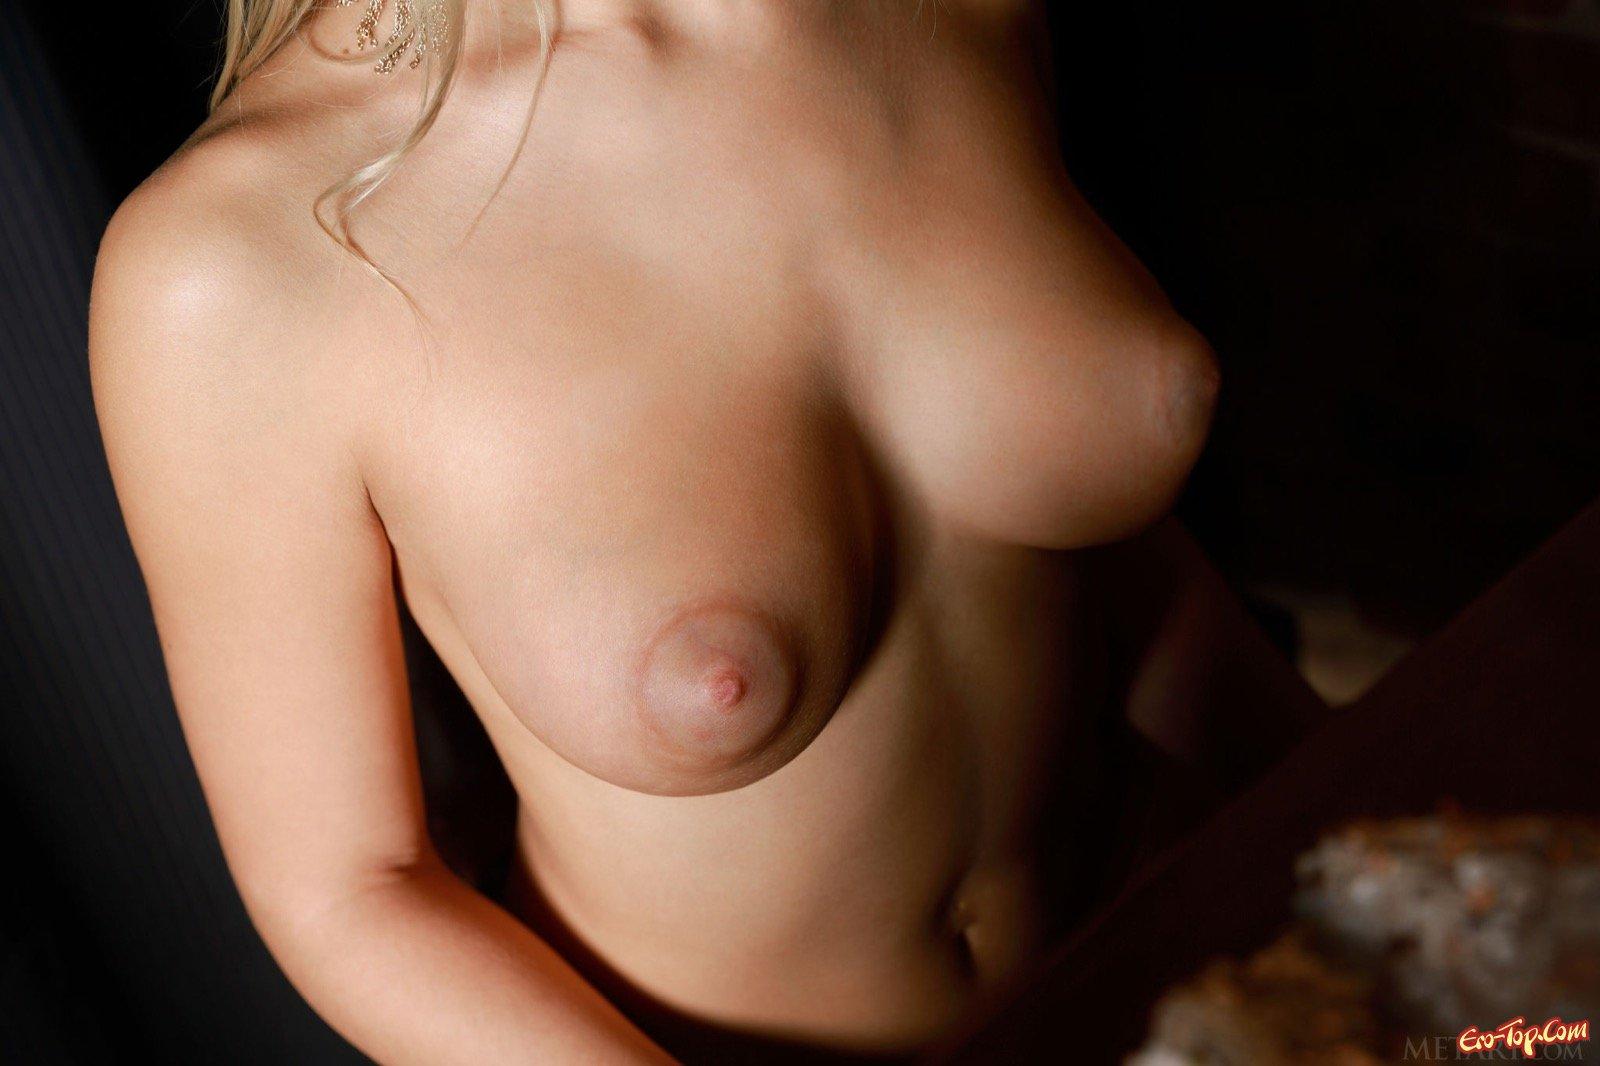 Светлая порноактриса снимает платье показывая крупные соски секс фото